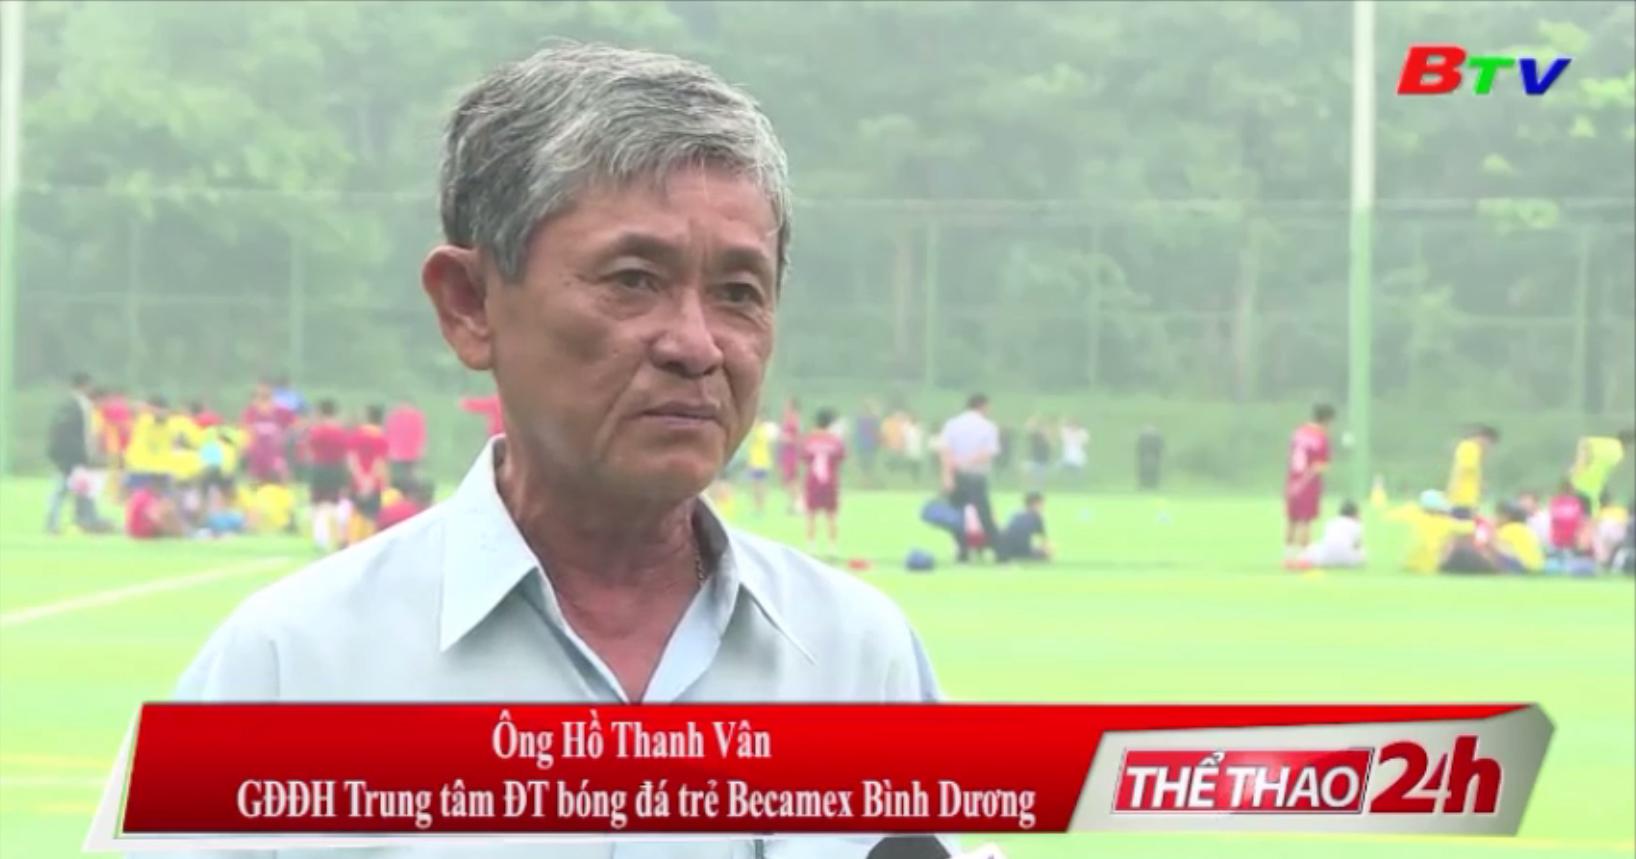 Tuyển sinh tài năng trẻ bóng đá Bình Dương - Hướng đi đúng của bóng đá Đất Thủ